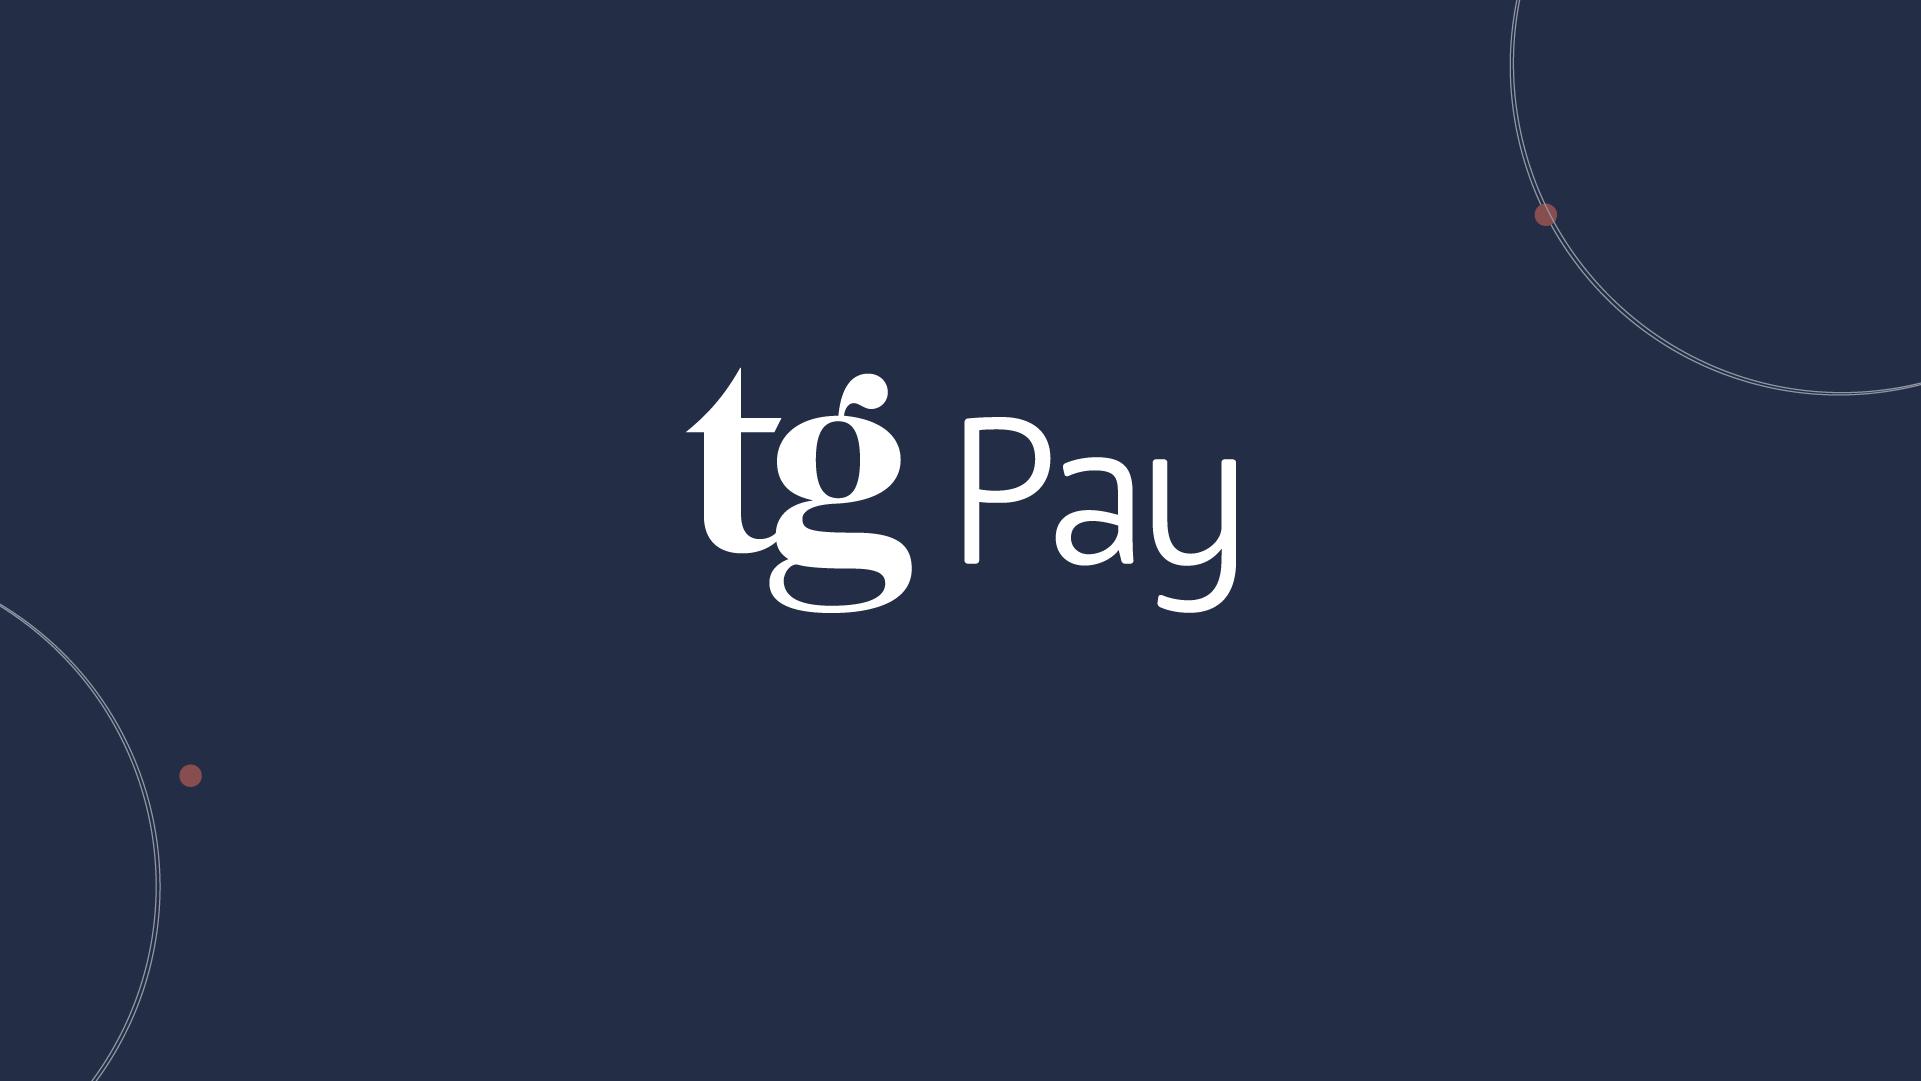 """""""TG pay"""" بوابة ترابط  الأكبر اقليمياً لحلول الصيرفة المفتوحة تطلق خدمة الدفع"""